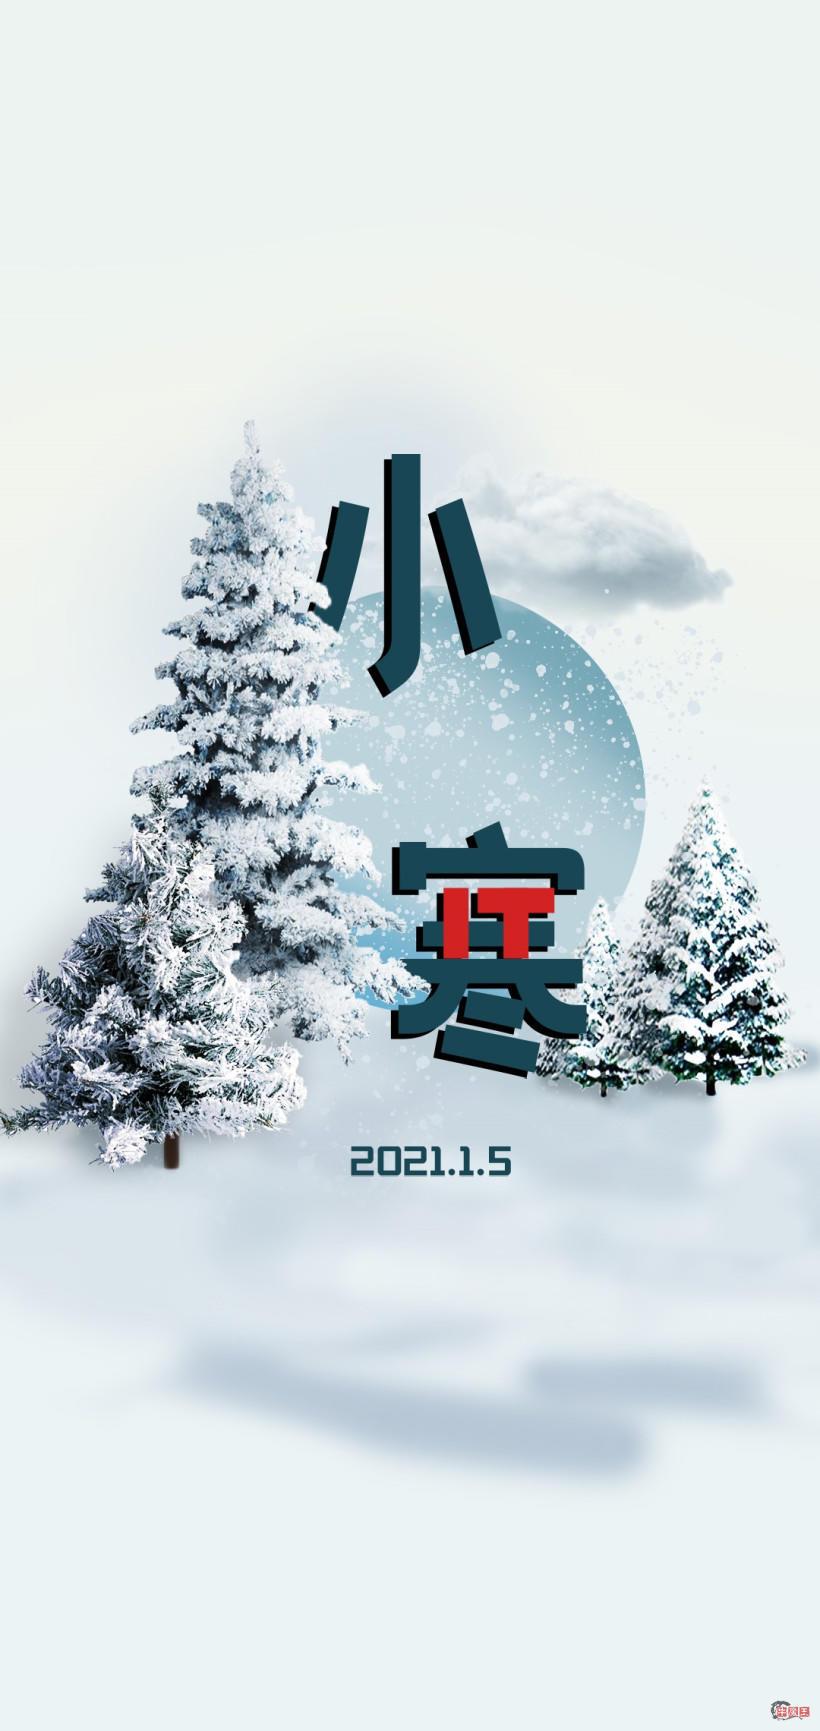 今日小寒:处三九日,大雪厚半尺-牛魔博客